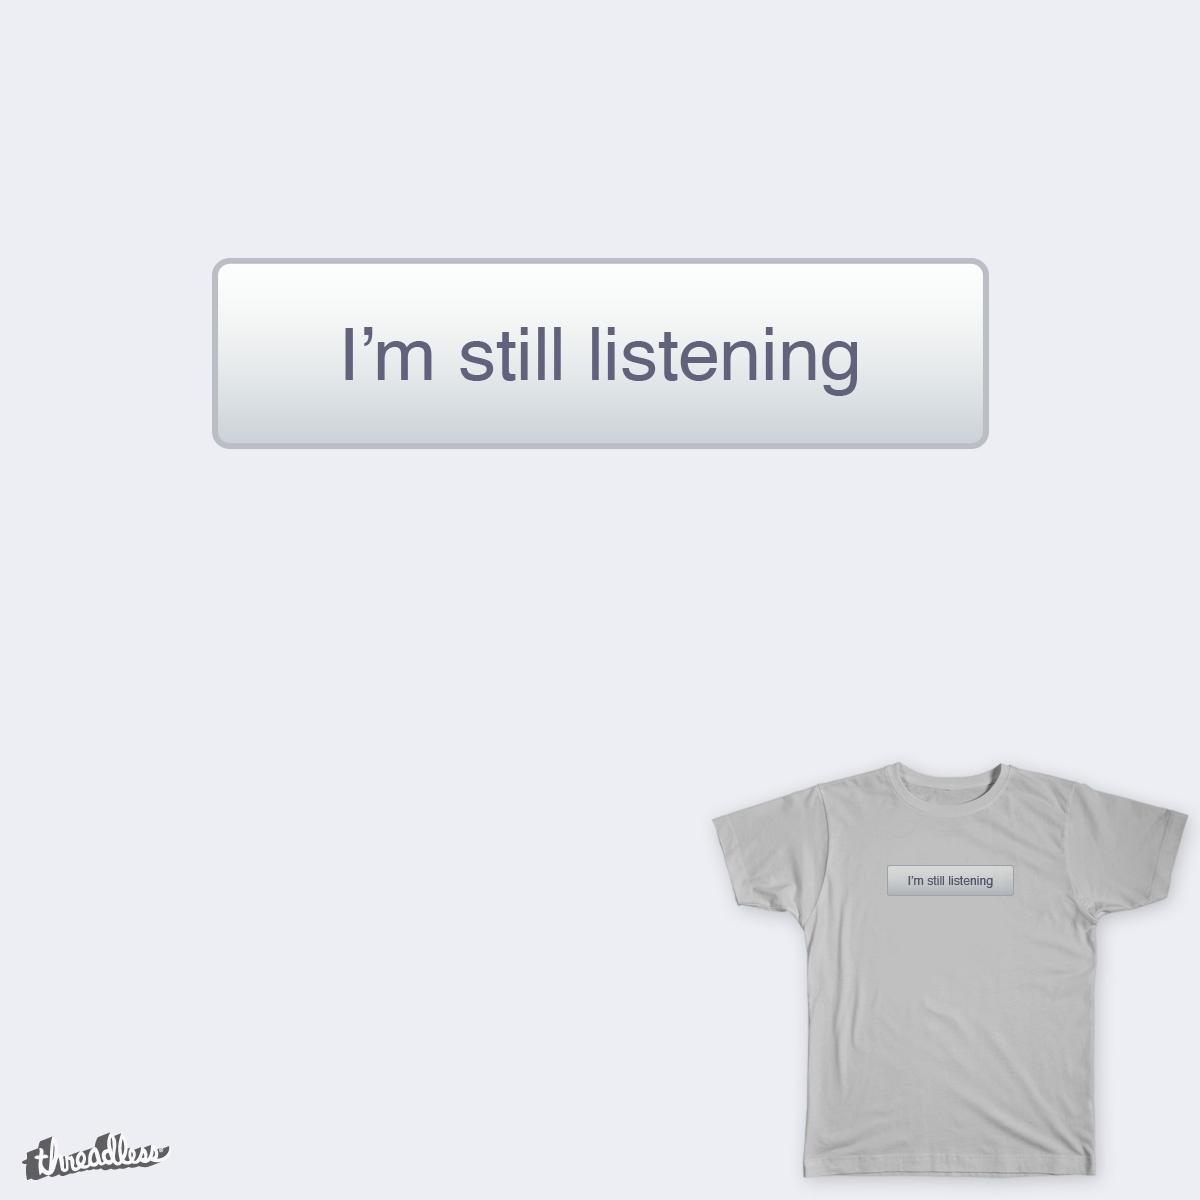 I'm Still Listening by franciscomoxi on Threadless